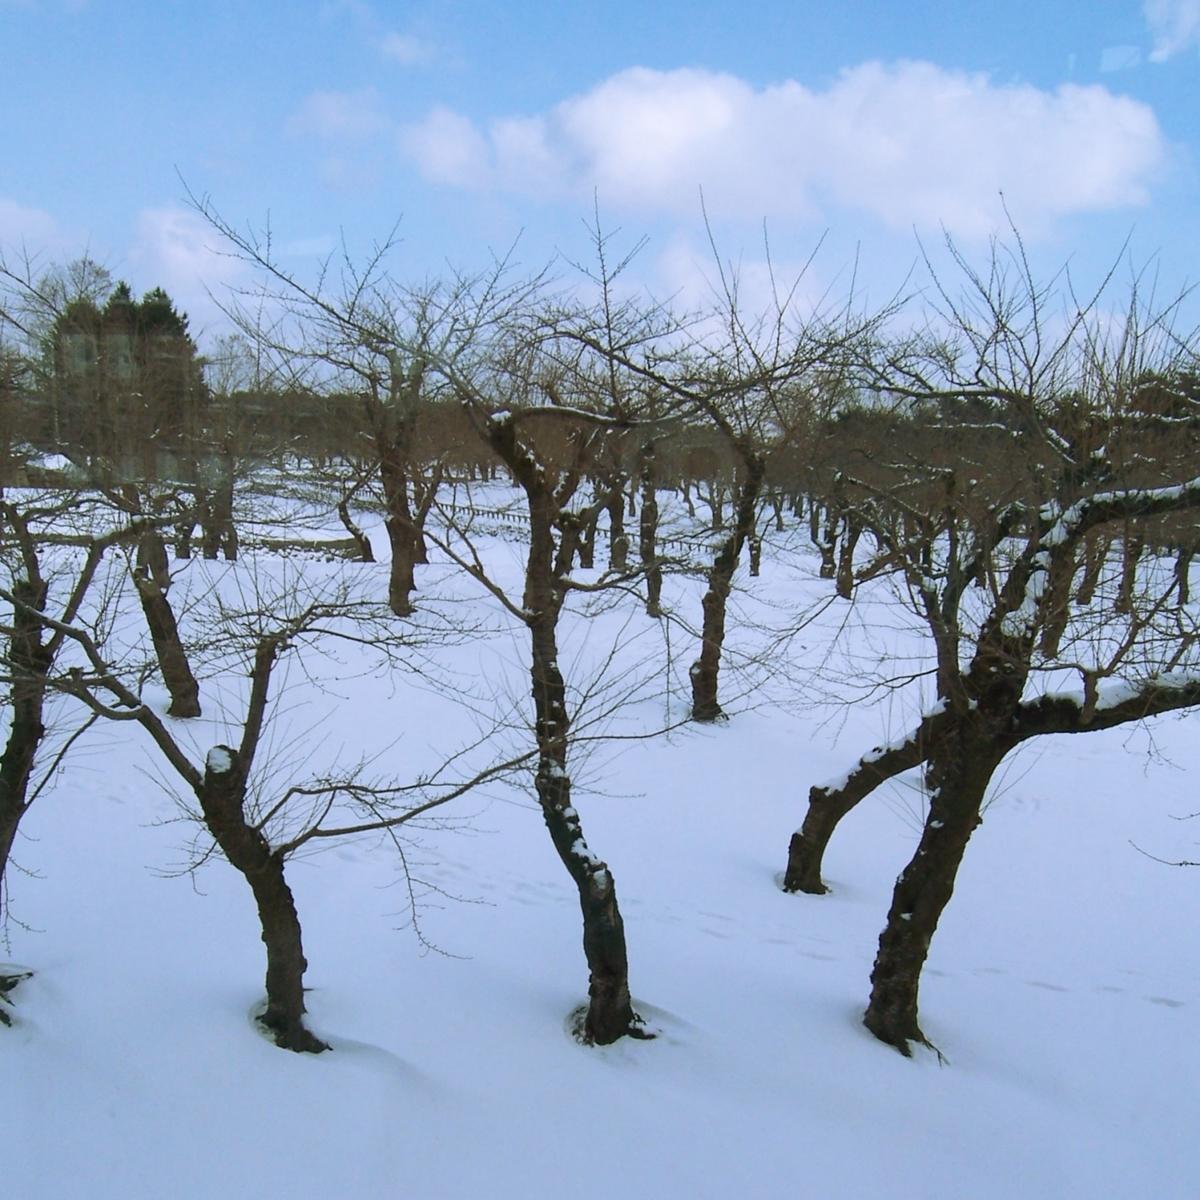 実のなっていない雪の中の枯れ木のイメージ